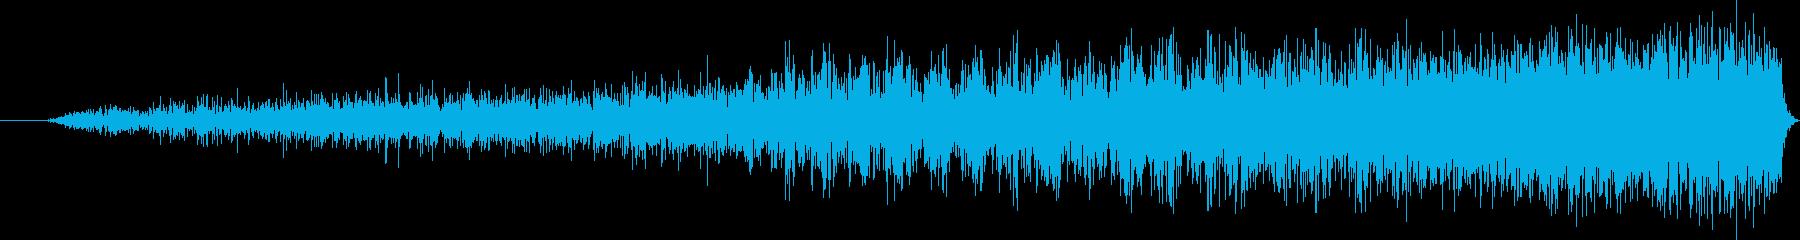 宇宙コンピューターまたはデバイス画...の再生済みの波形